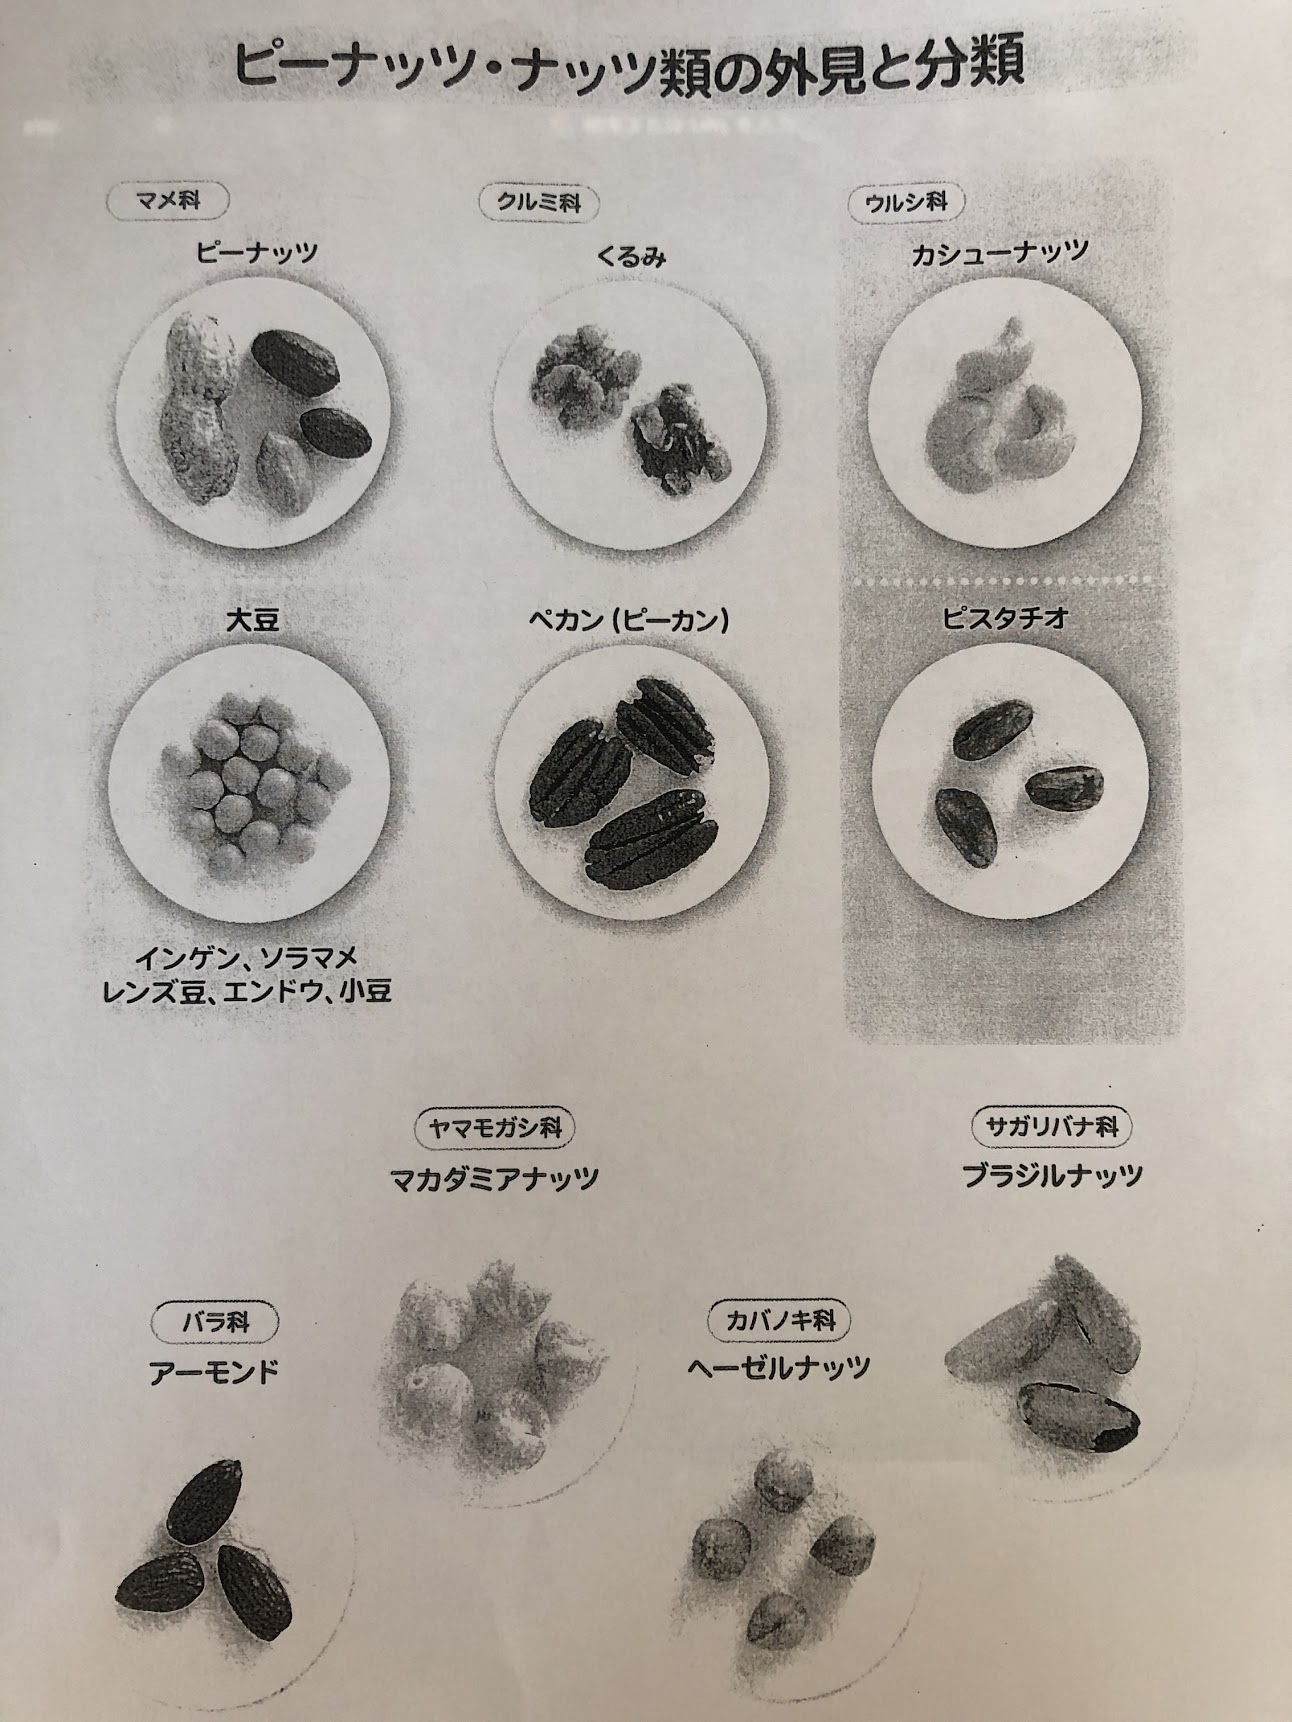 ピーナッツやアーモンドがどの「科」に属しているのかを記した表